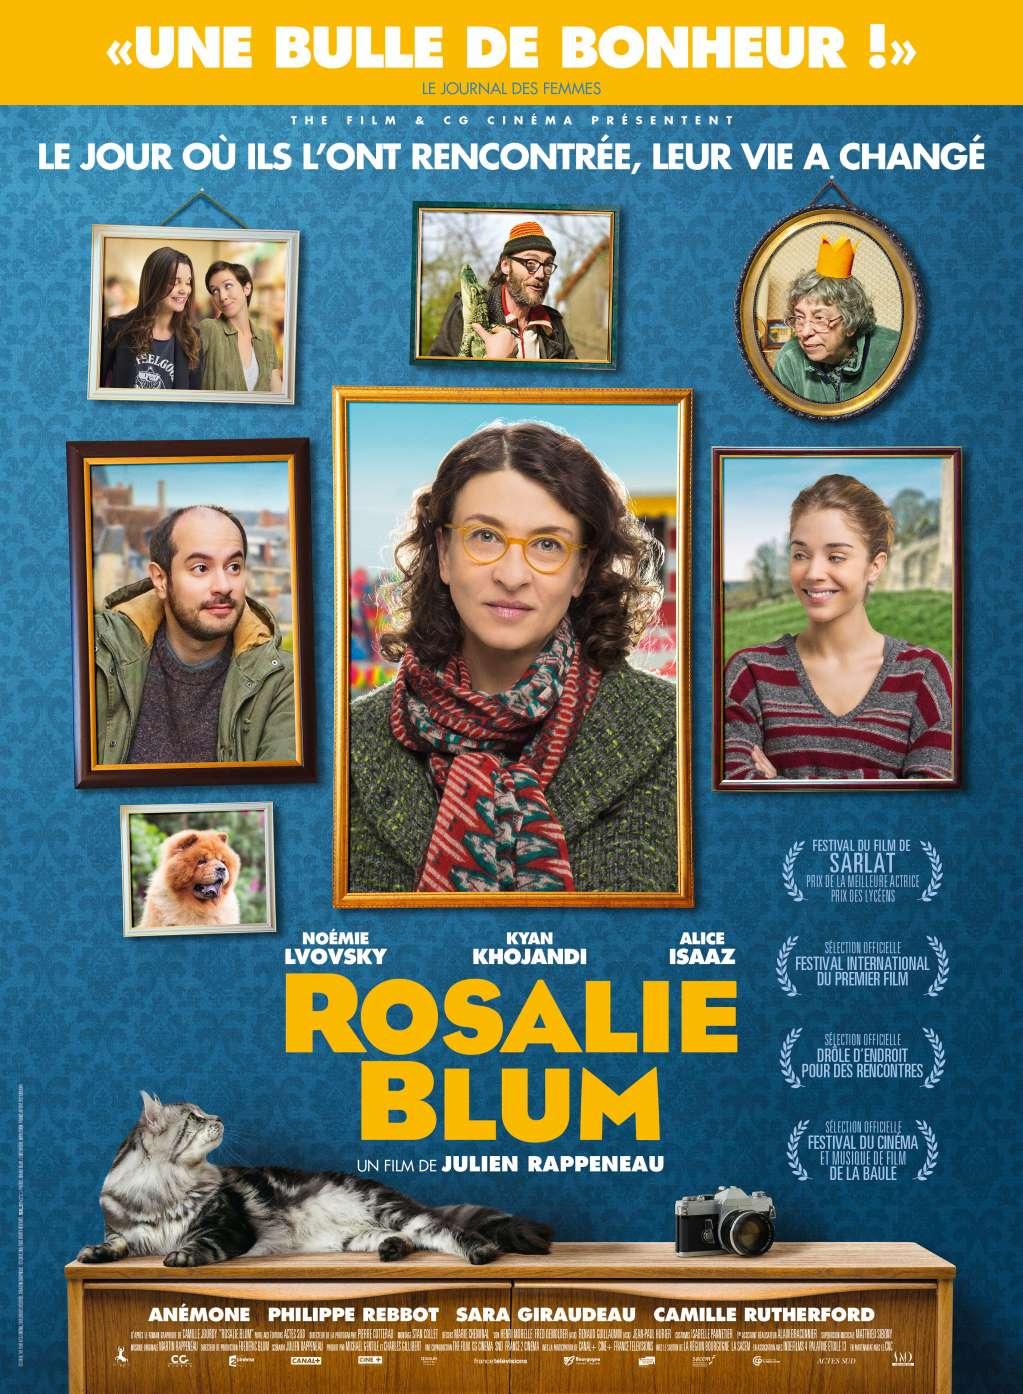 Rosalie Blum kapak